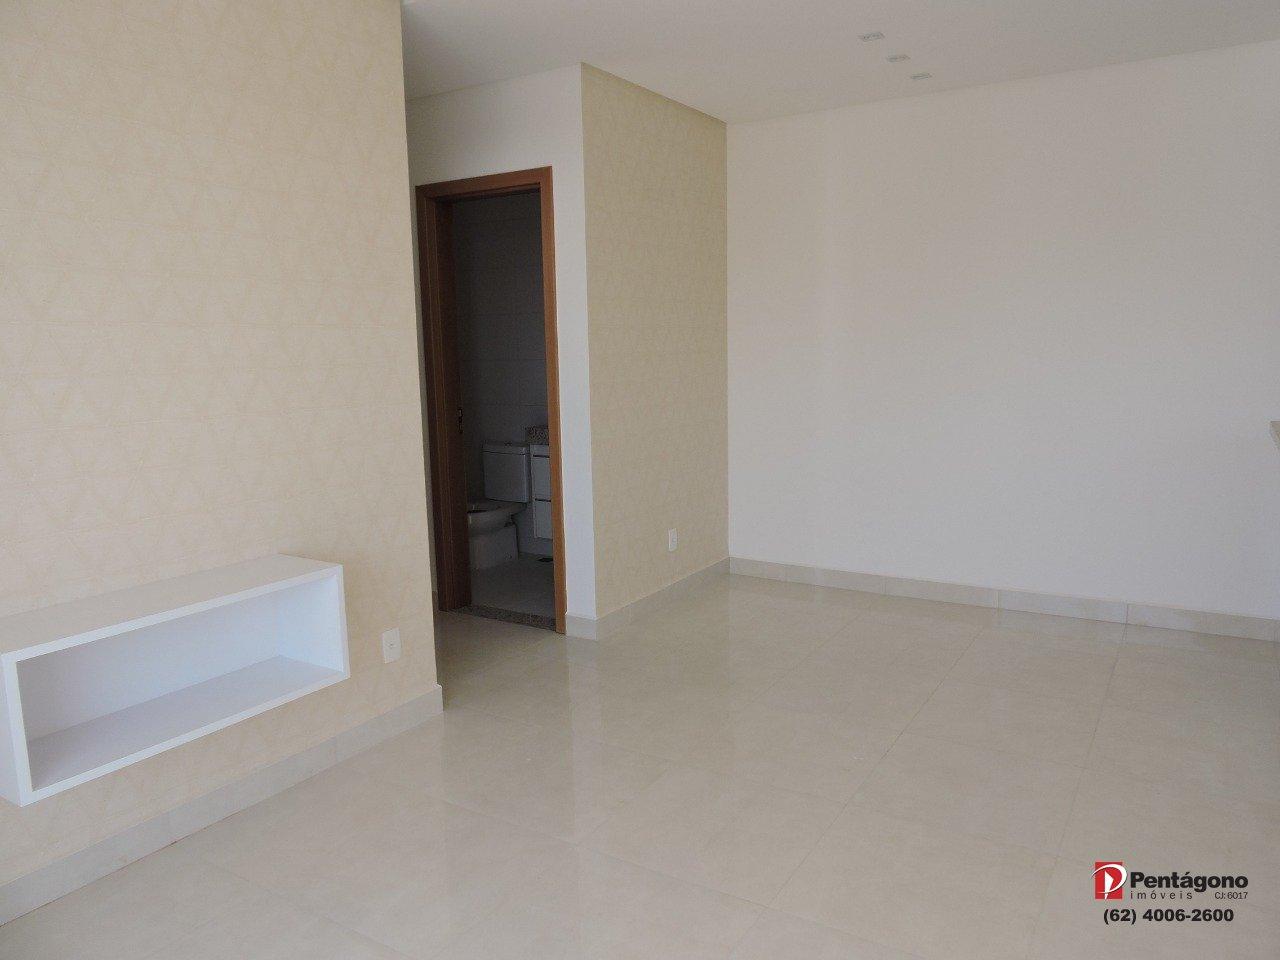 Apartamento com 2 quartos no Setor Universitário